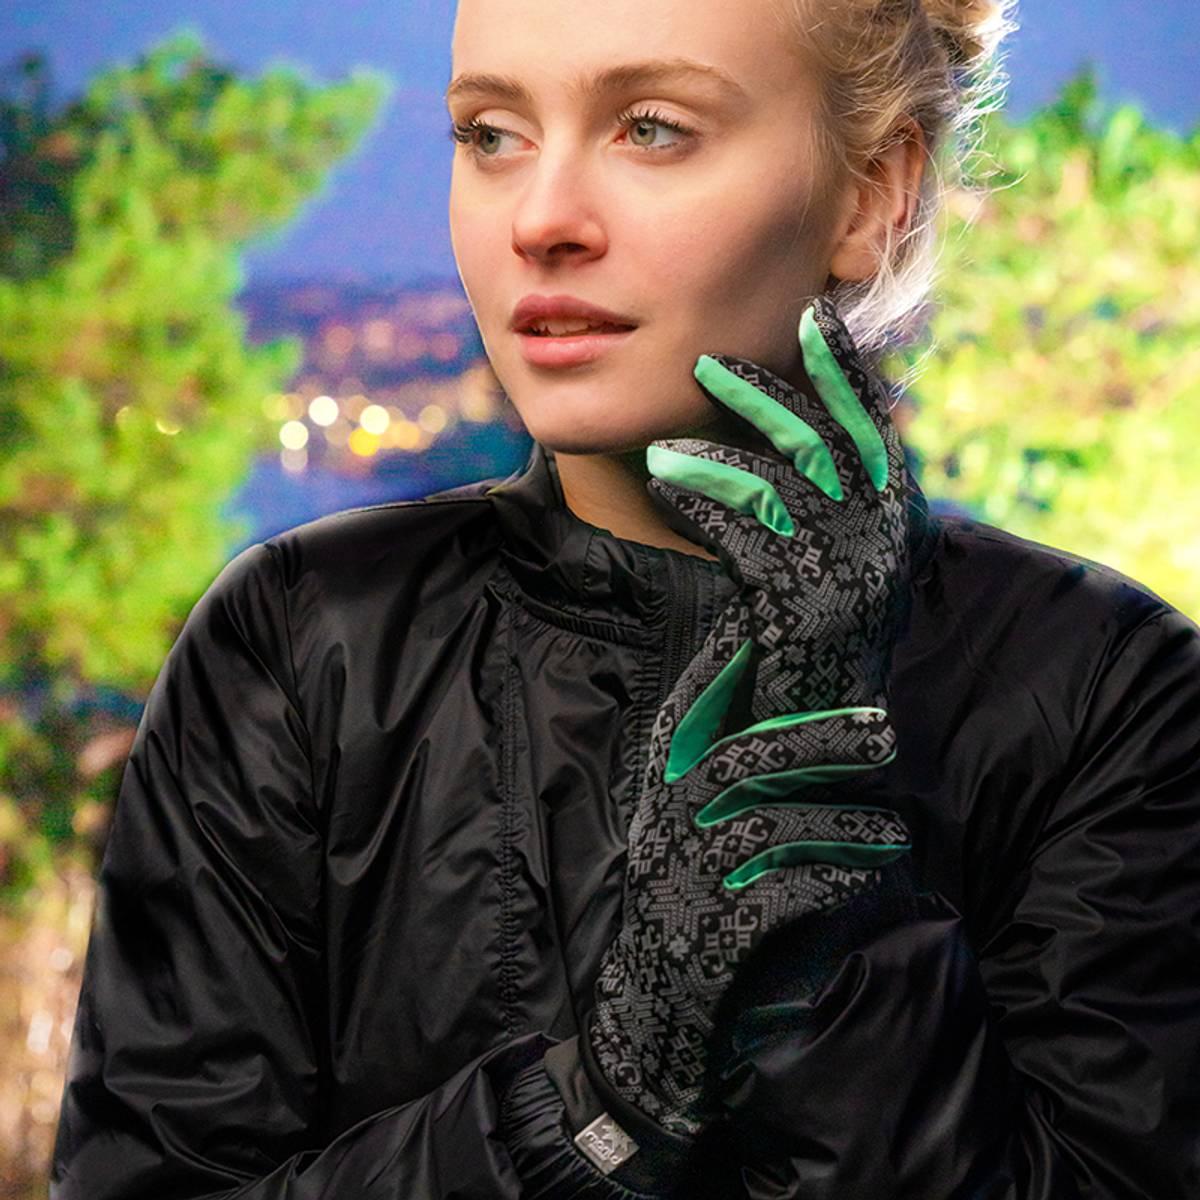 Morild Glitre hansker med refleks, mint